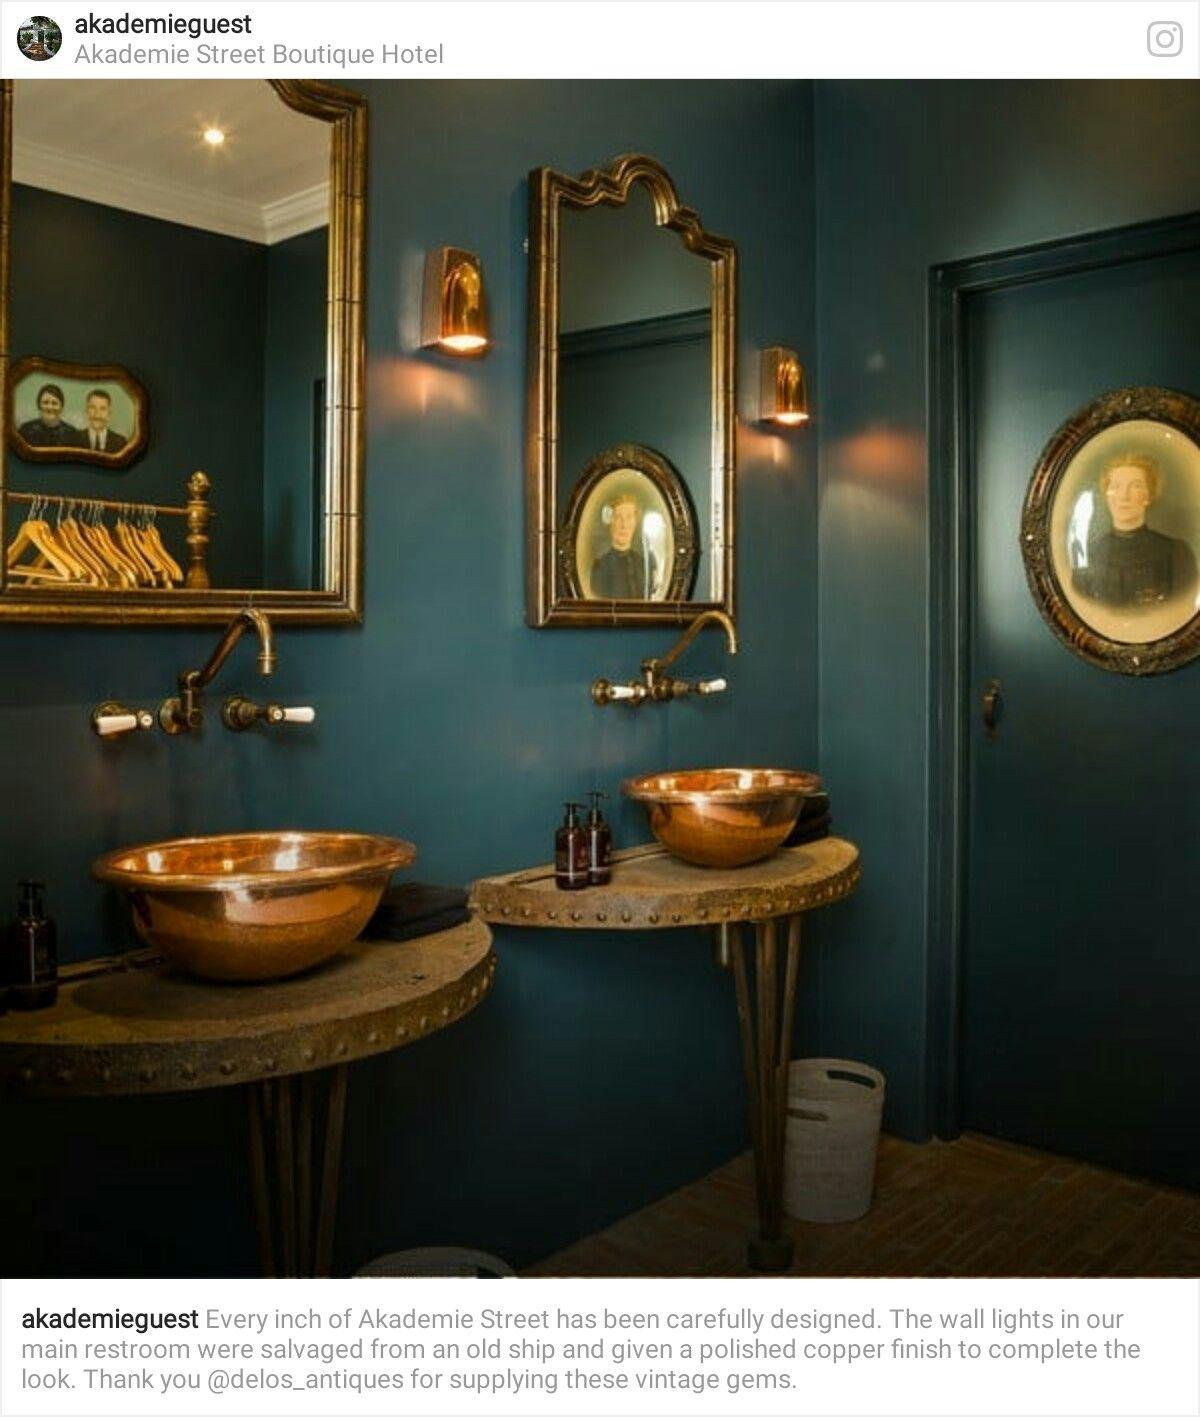 Pin by Yonnie Smith on Stylish Bathrooms | Stylish ... on Monochromatic Bathroom Ideas  id=25624